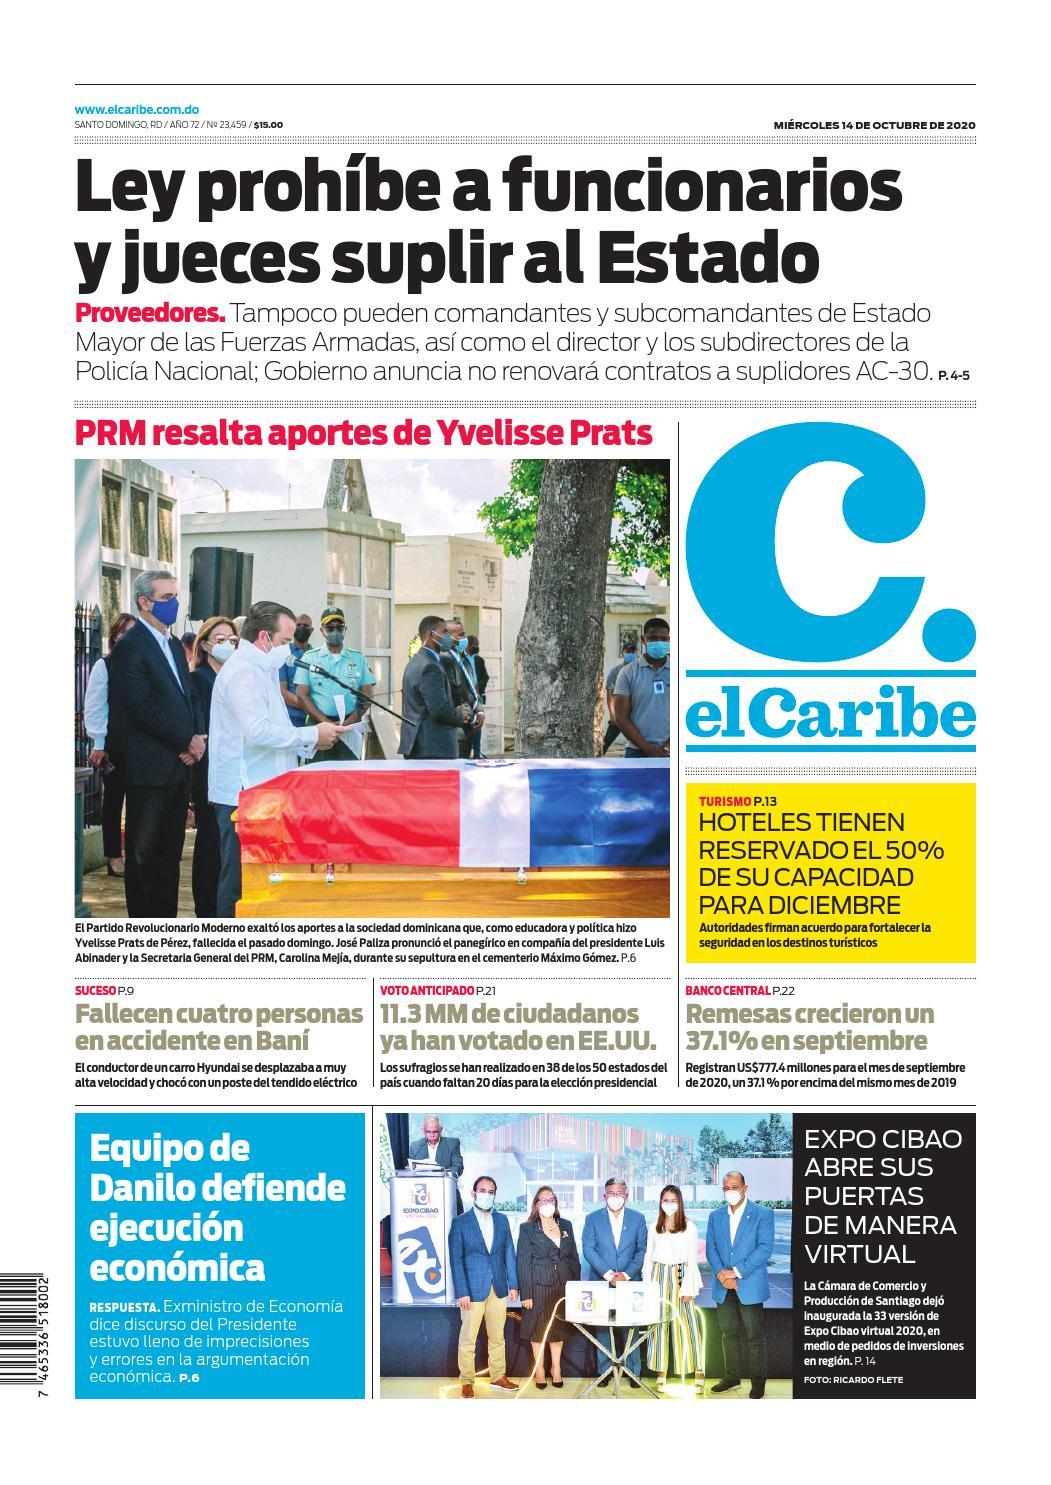 Portada Periódico El Caribe, Miércoles 14 de Octubre, 2020